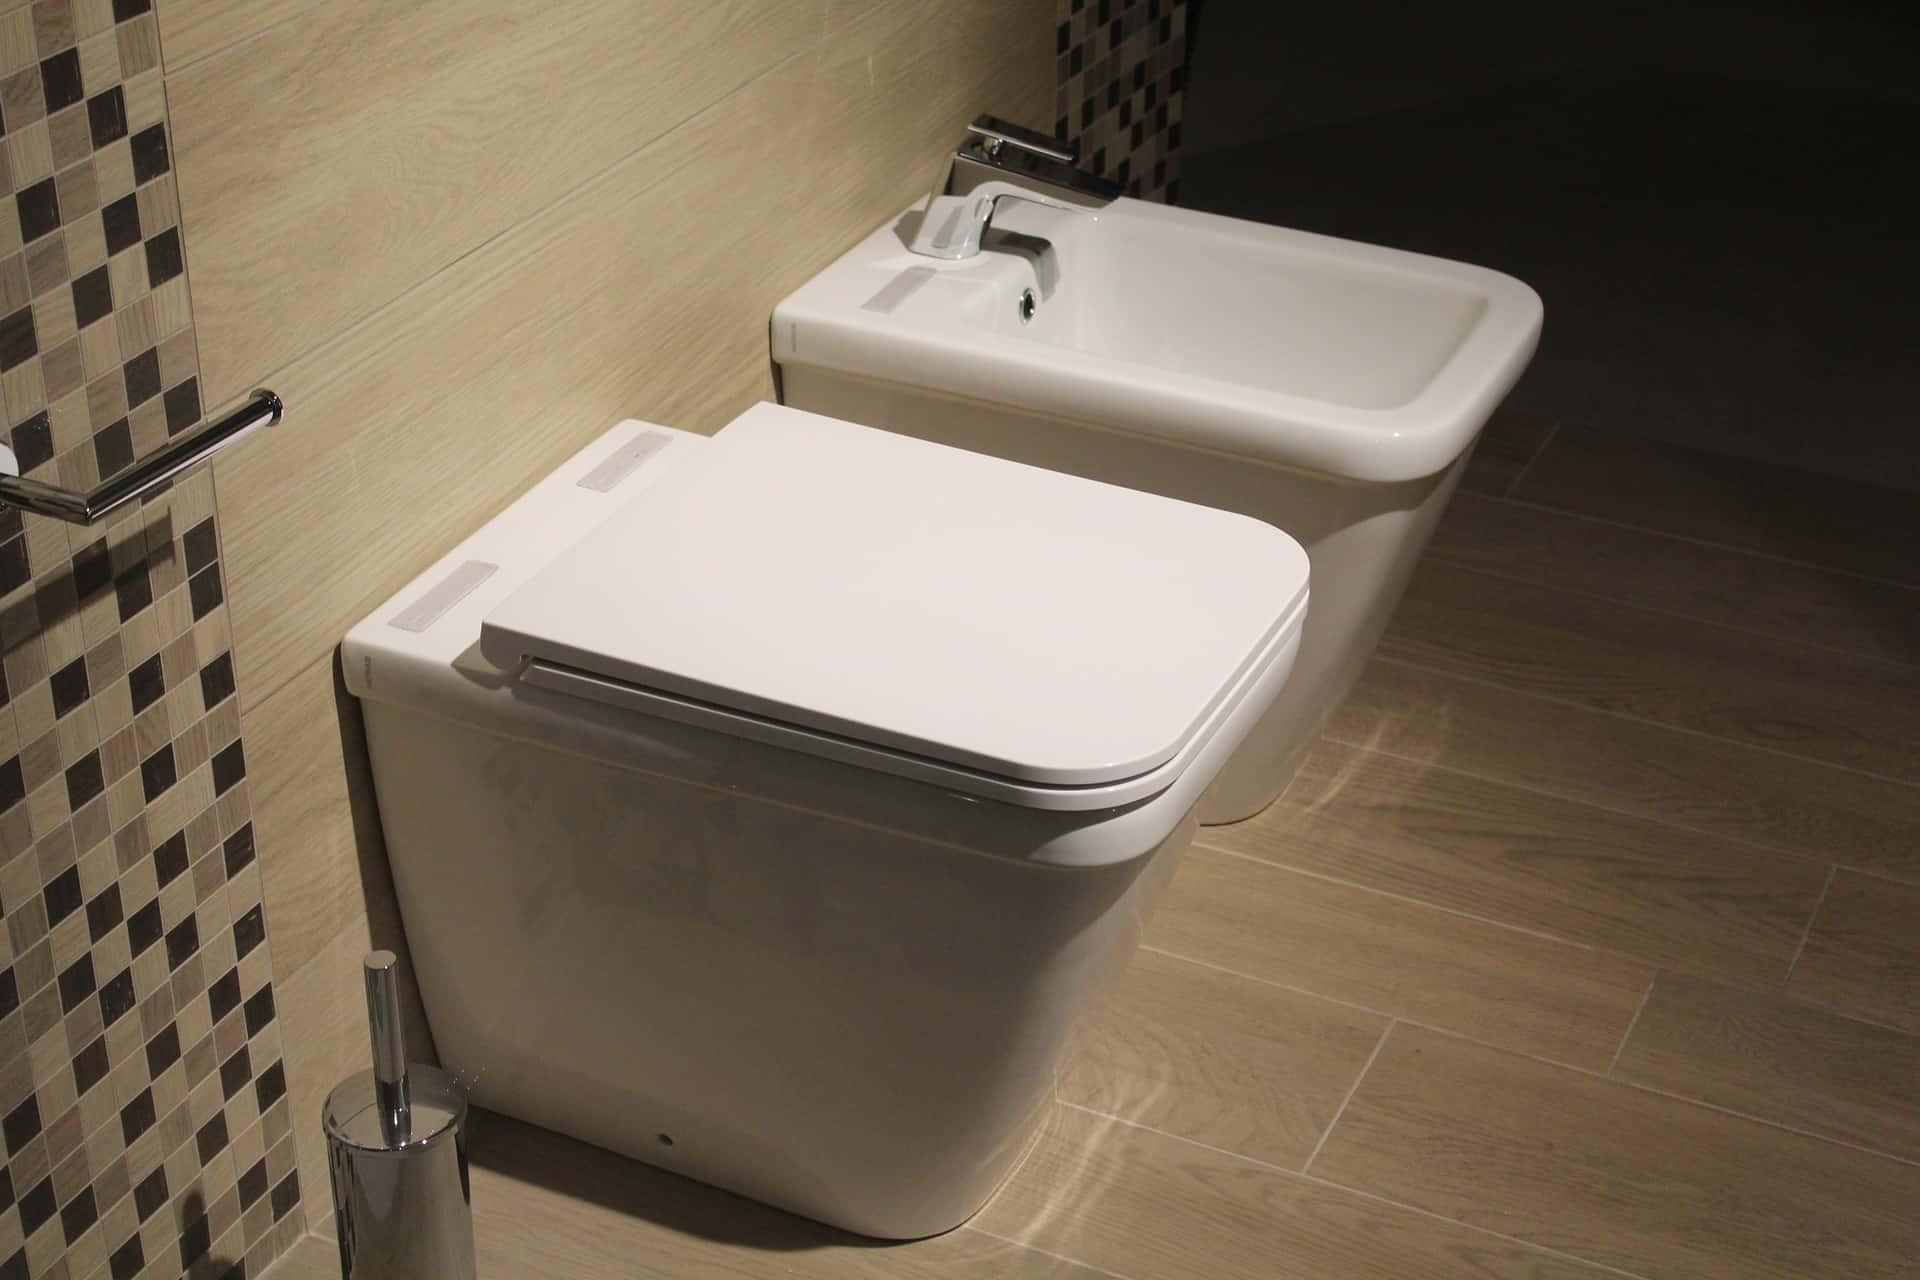 Wc sitz test 2018 die besten wc sitze im vergleich